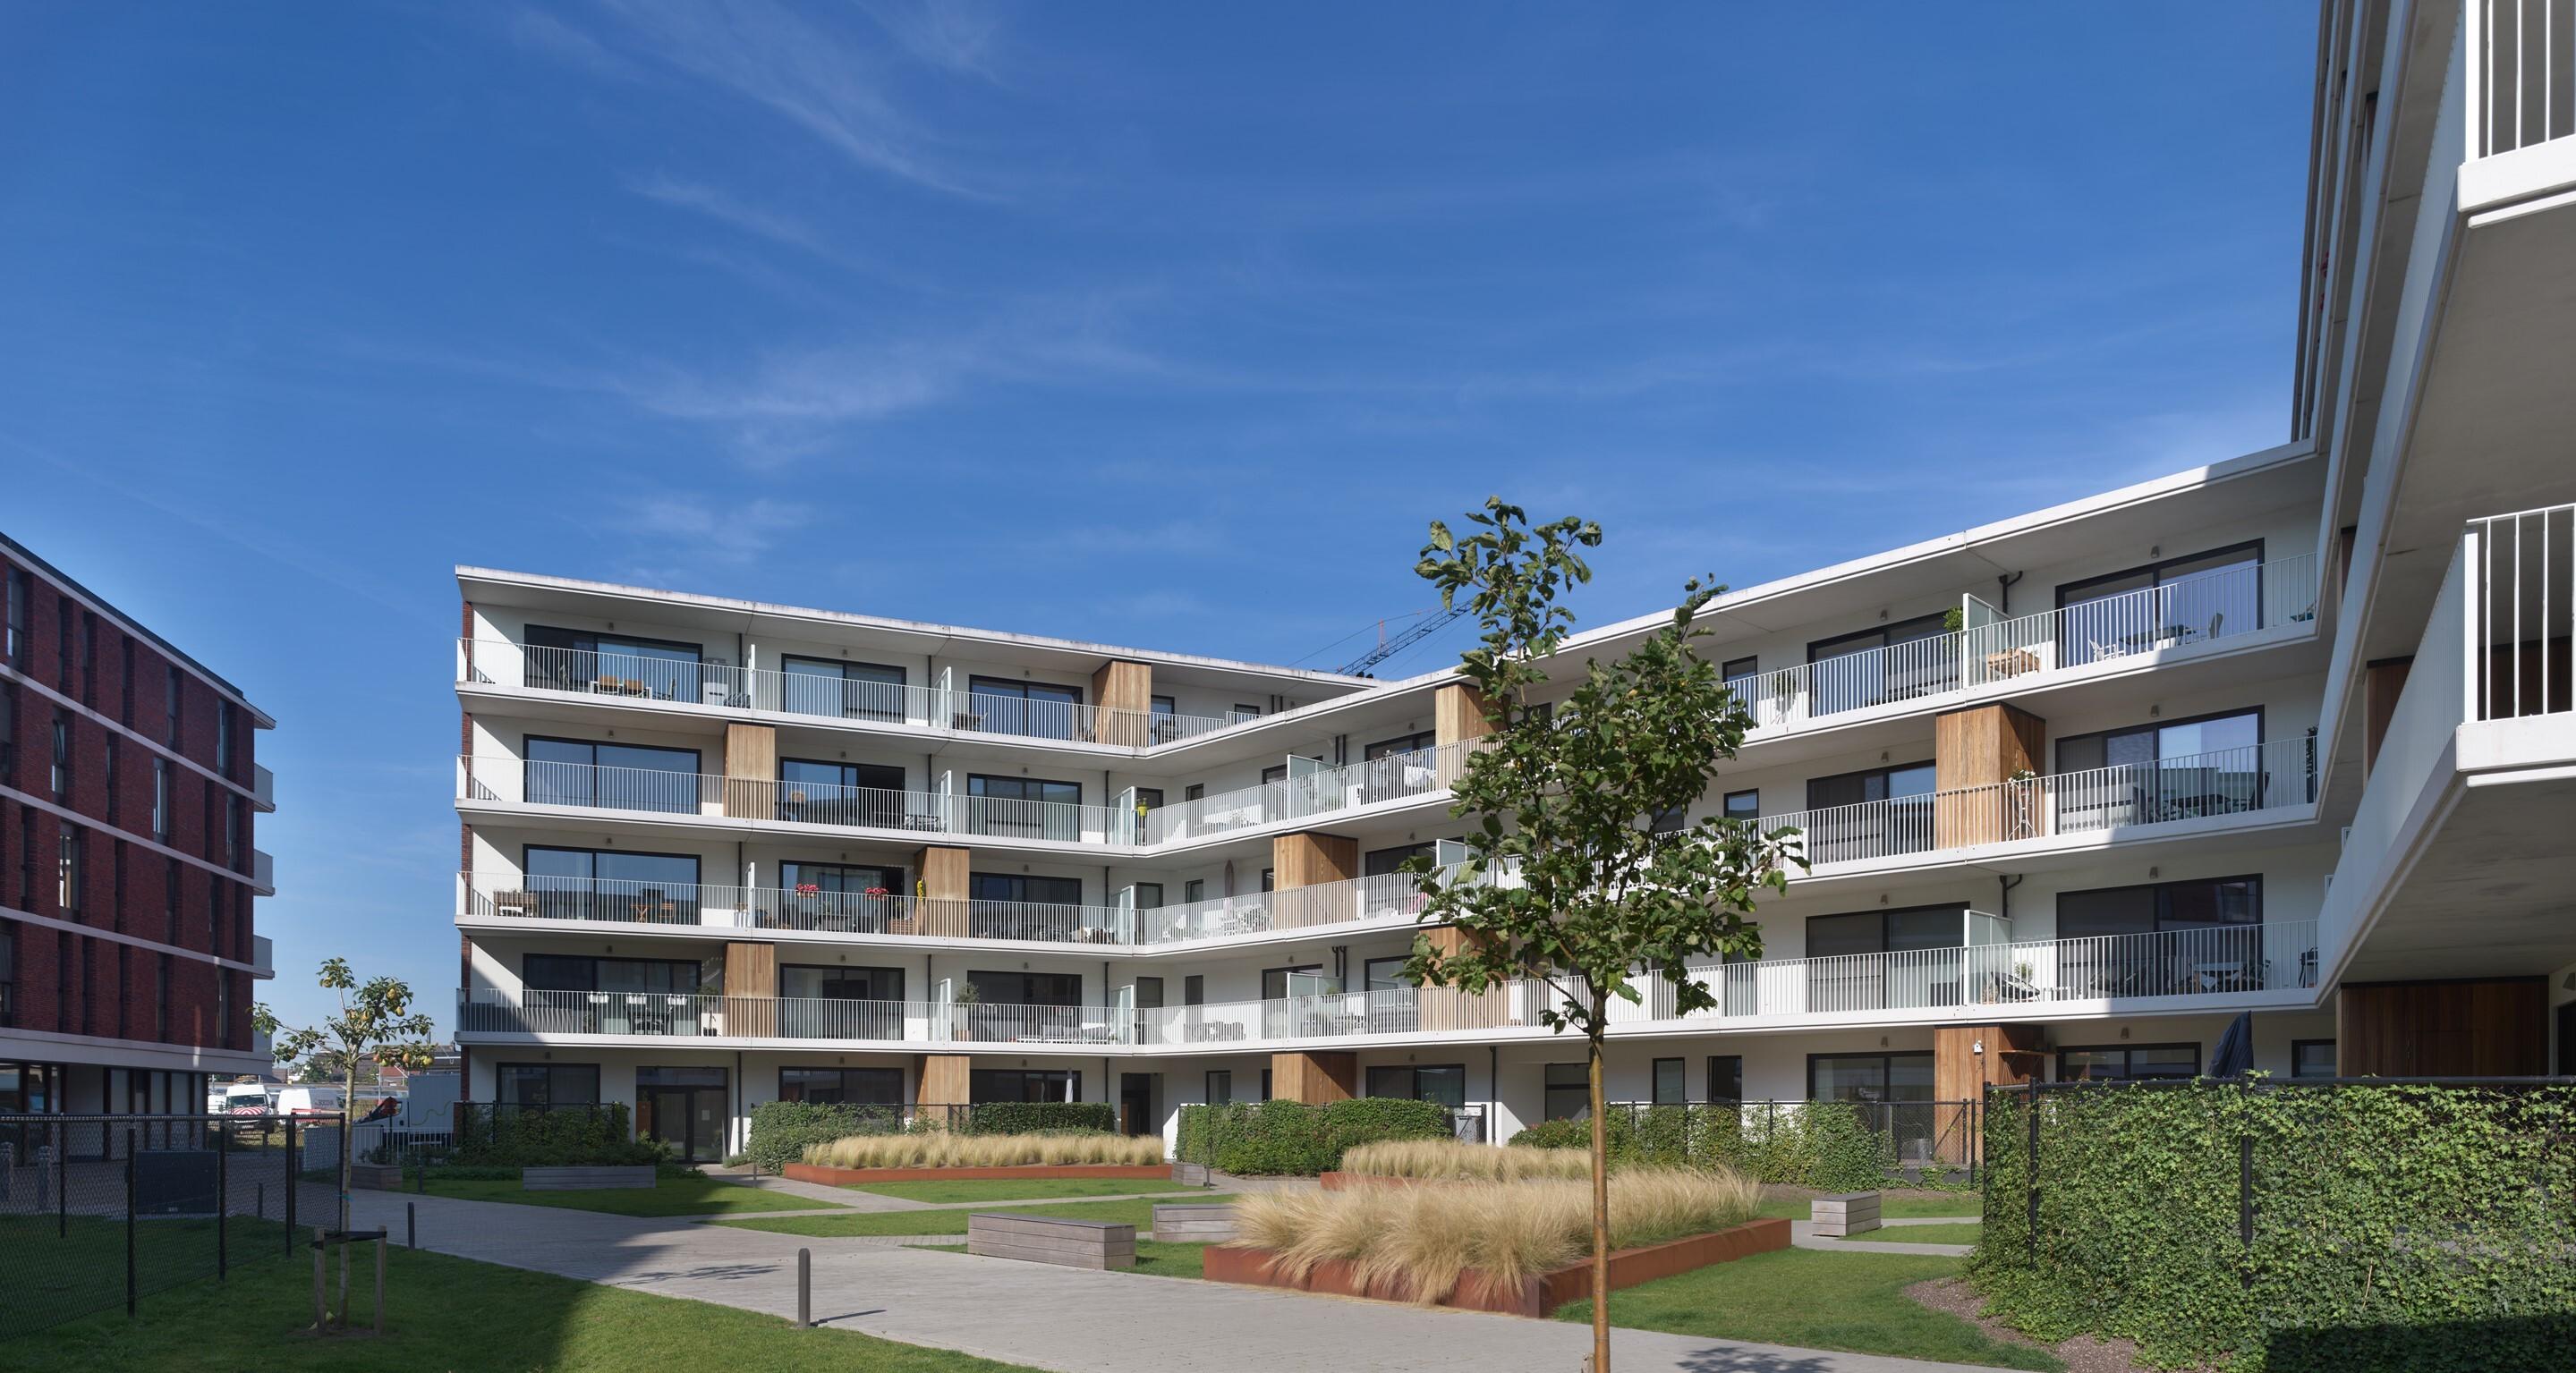 De ruime terrassen van nieuwbouwappartementen De Smedenpoort geven uit op de binnentuin.